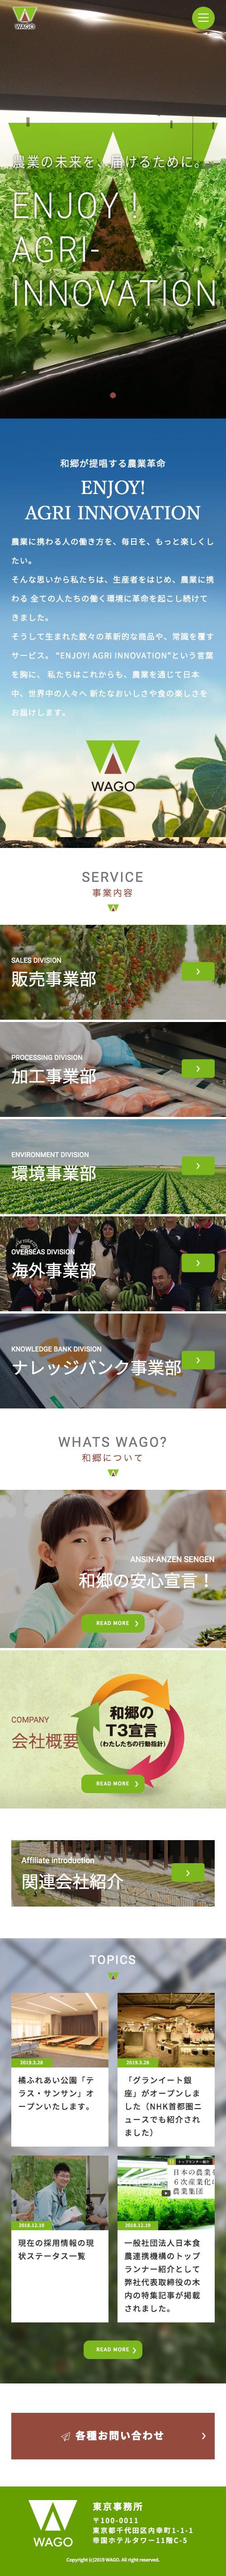 ホームページ制作実績株式会社和郷様 コーポレートサイト